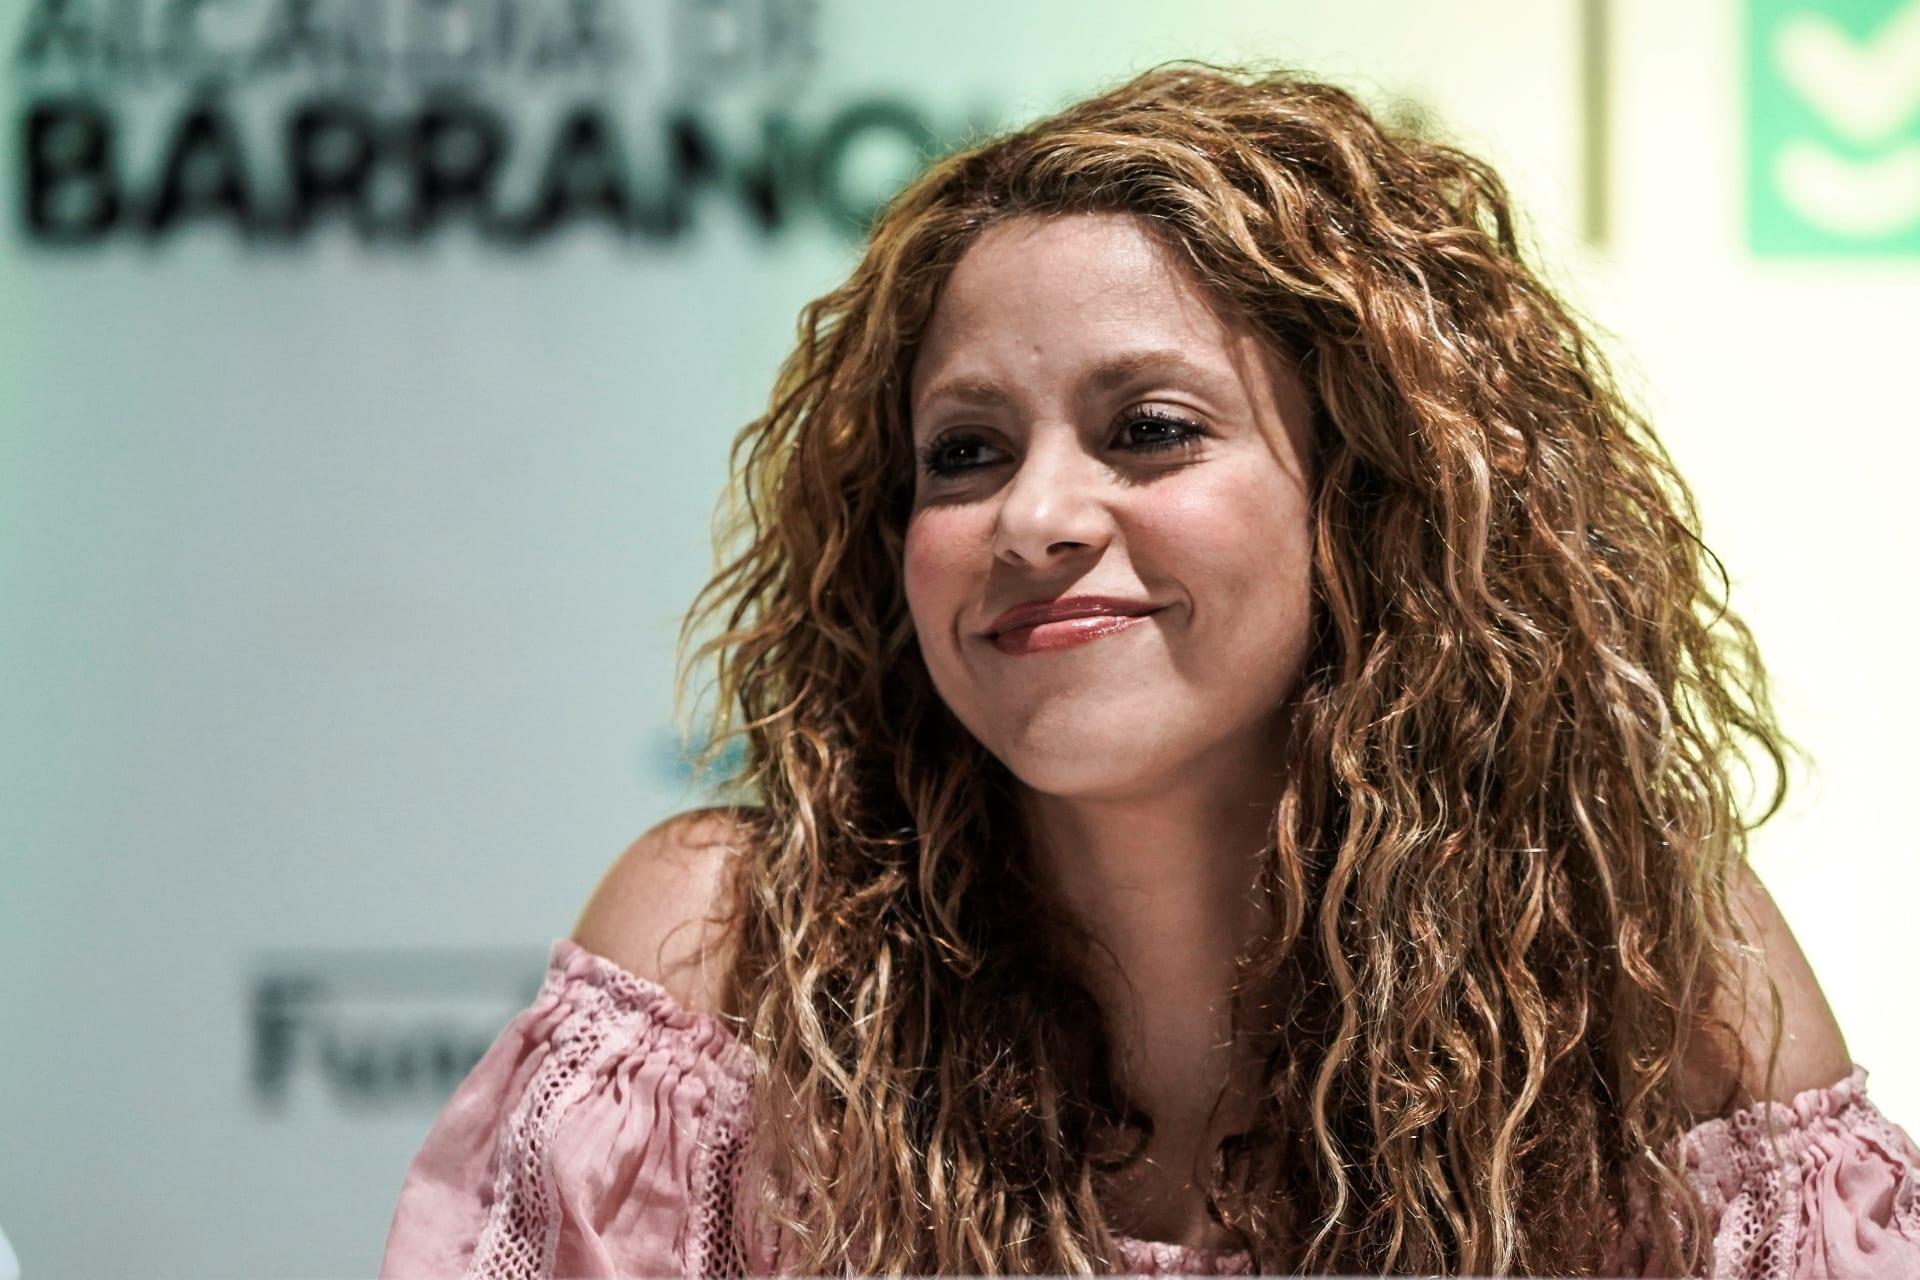 المغنية الكولومبية شاكيرا تبتسم في 2 نوفمبر 2018، في بارانكويلا، كولومبيا، خلال حفل وضع حجر الأساس لبناء مدرسة بدعم من مؤسستها